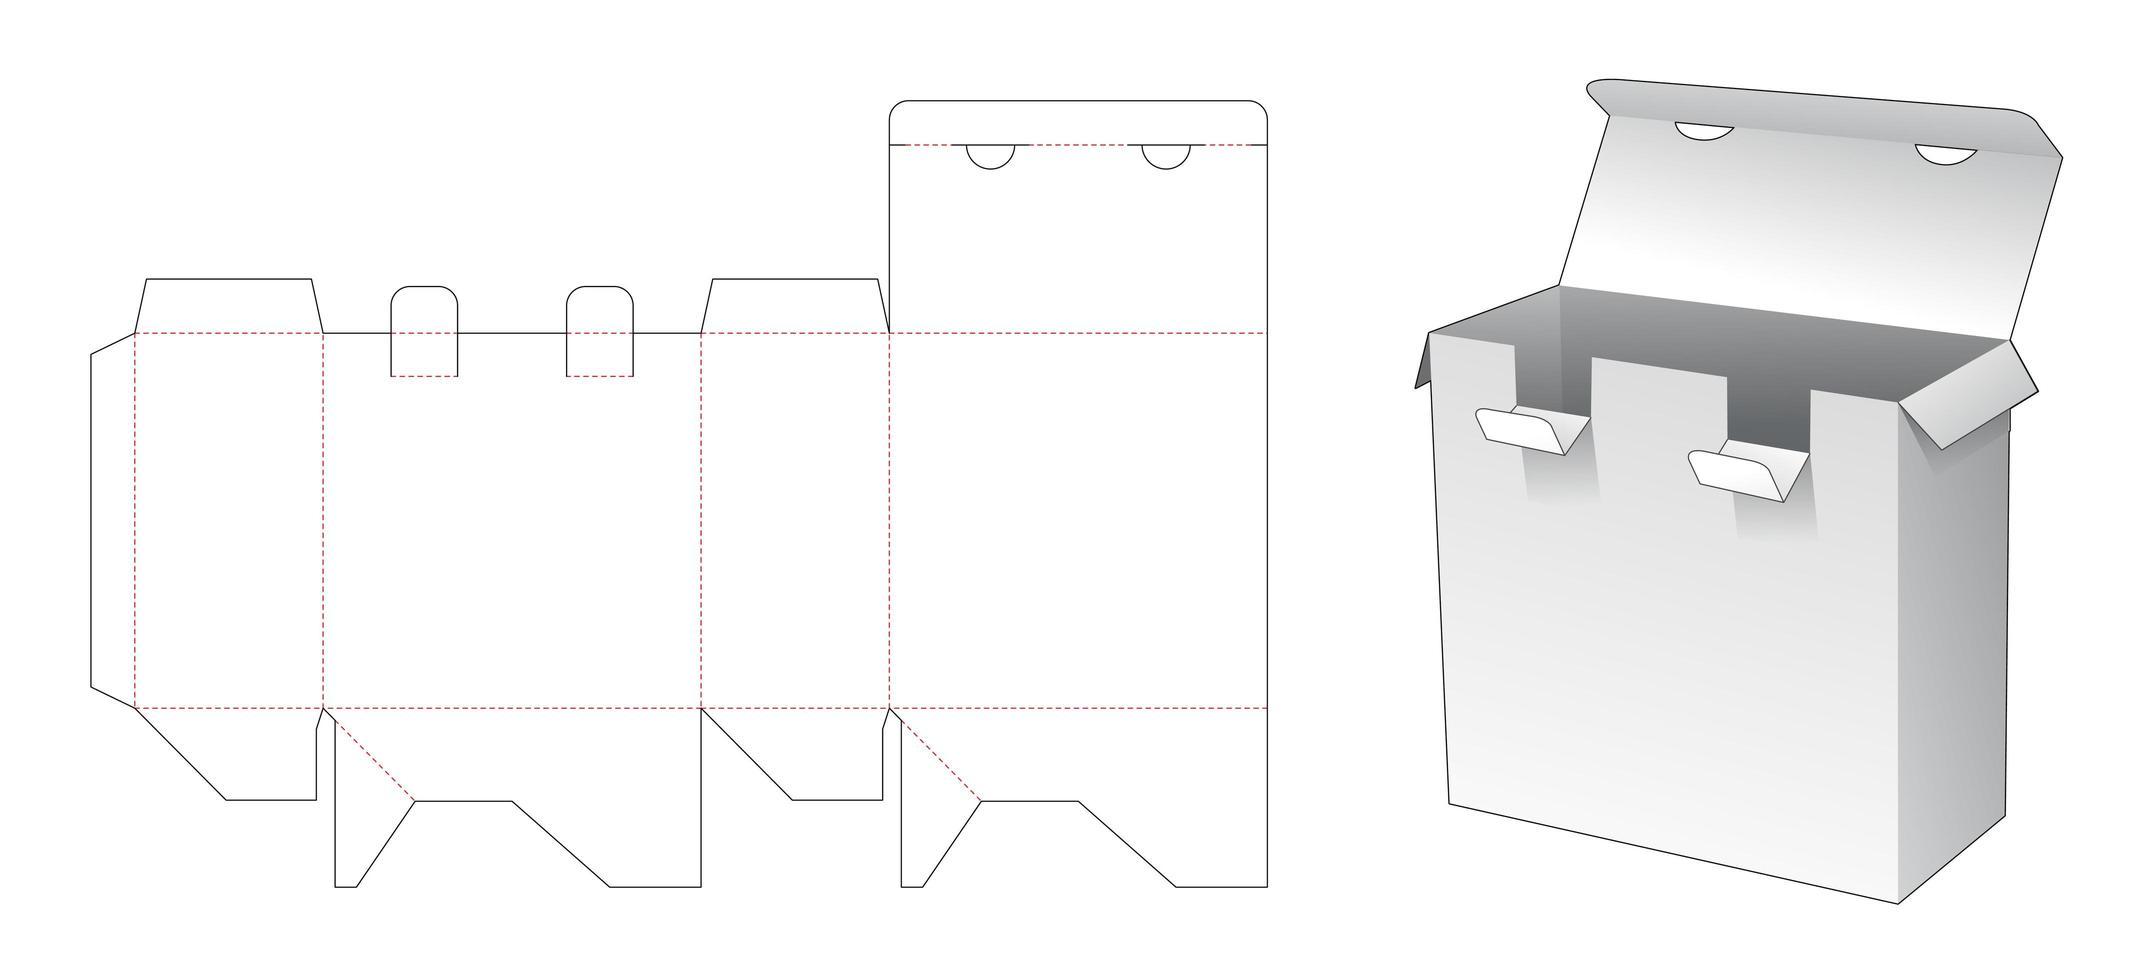 Caixa de embalagem com 2 pontos de bloqueio vetor